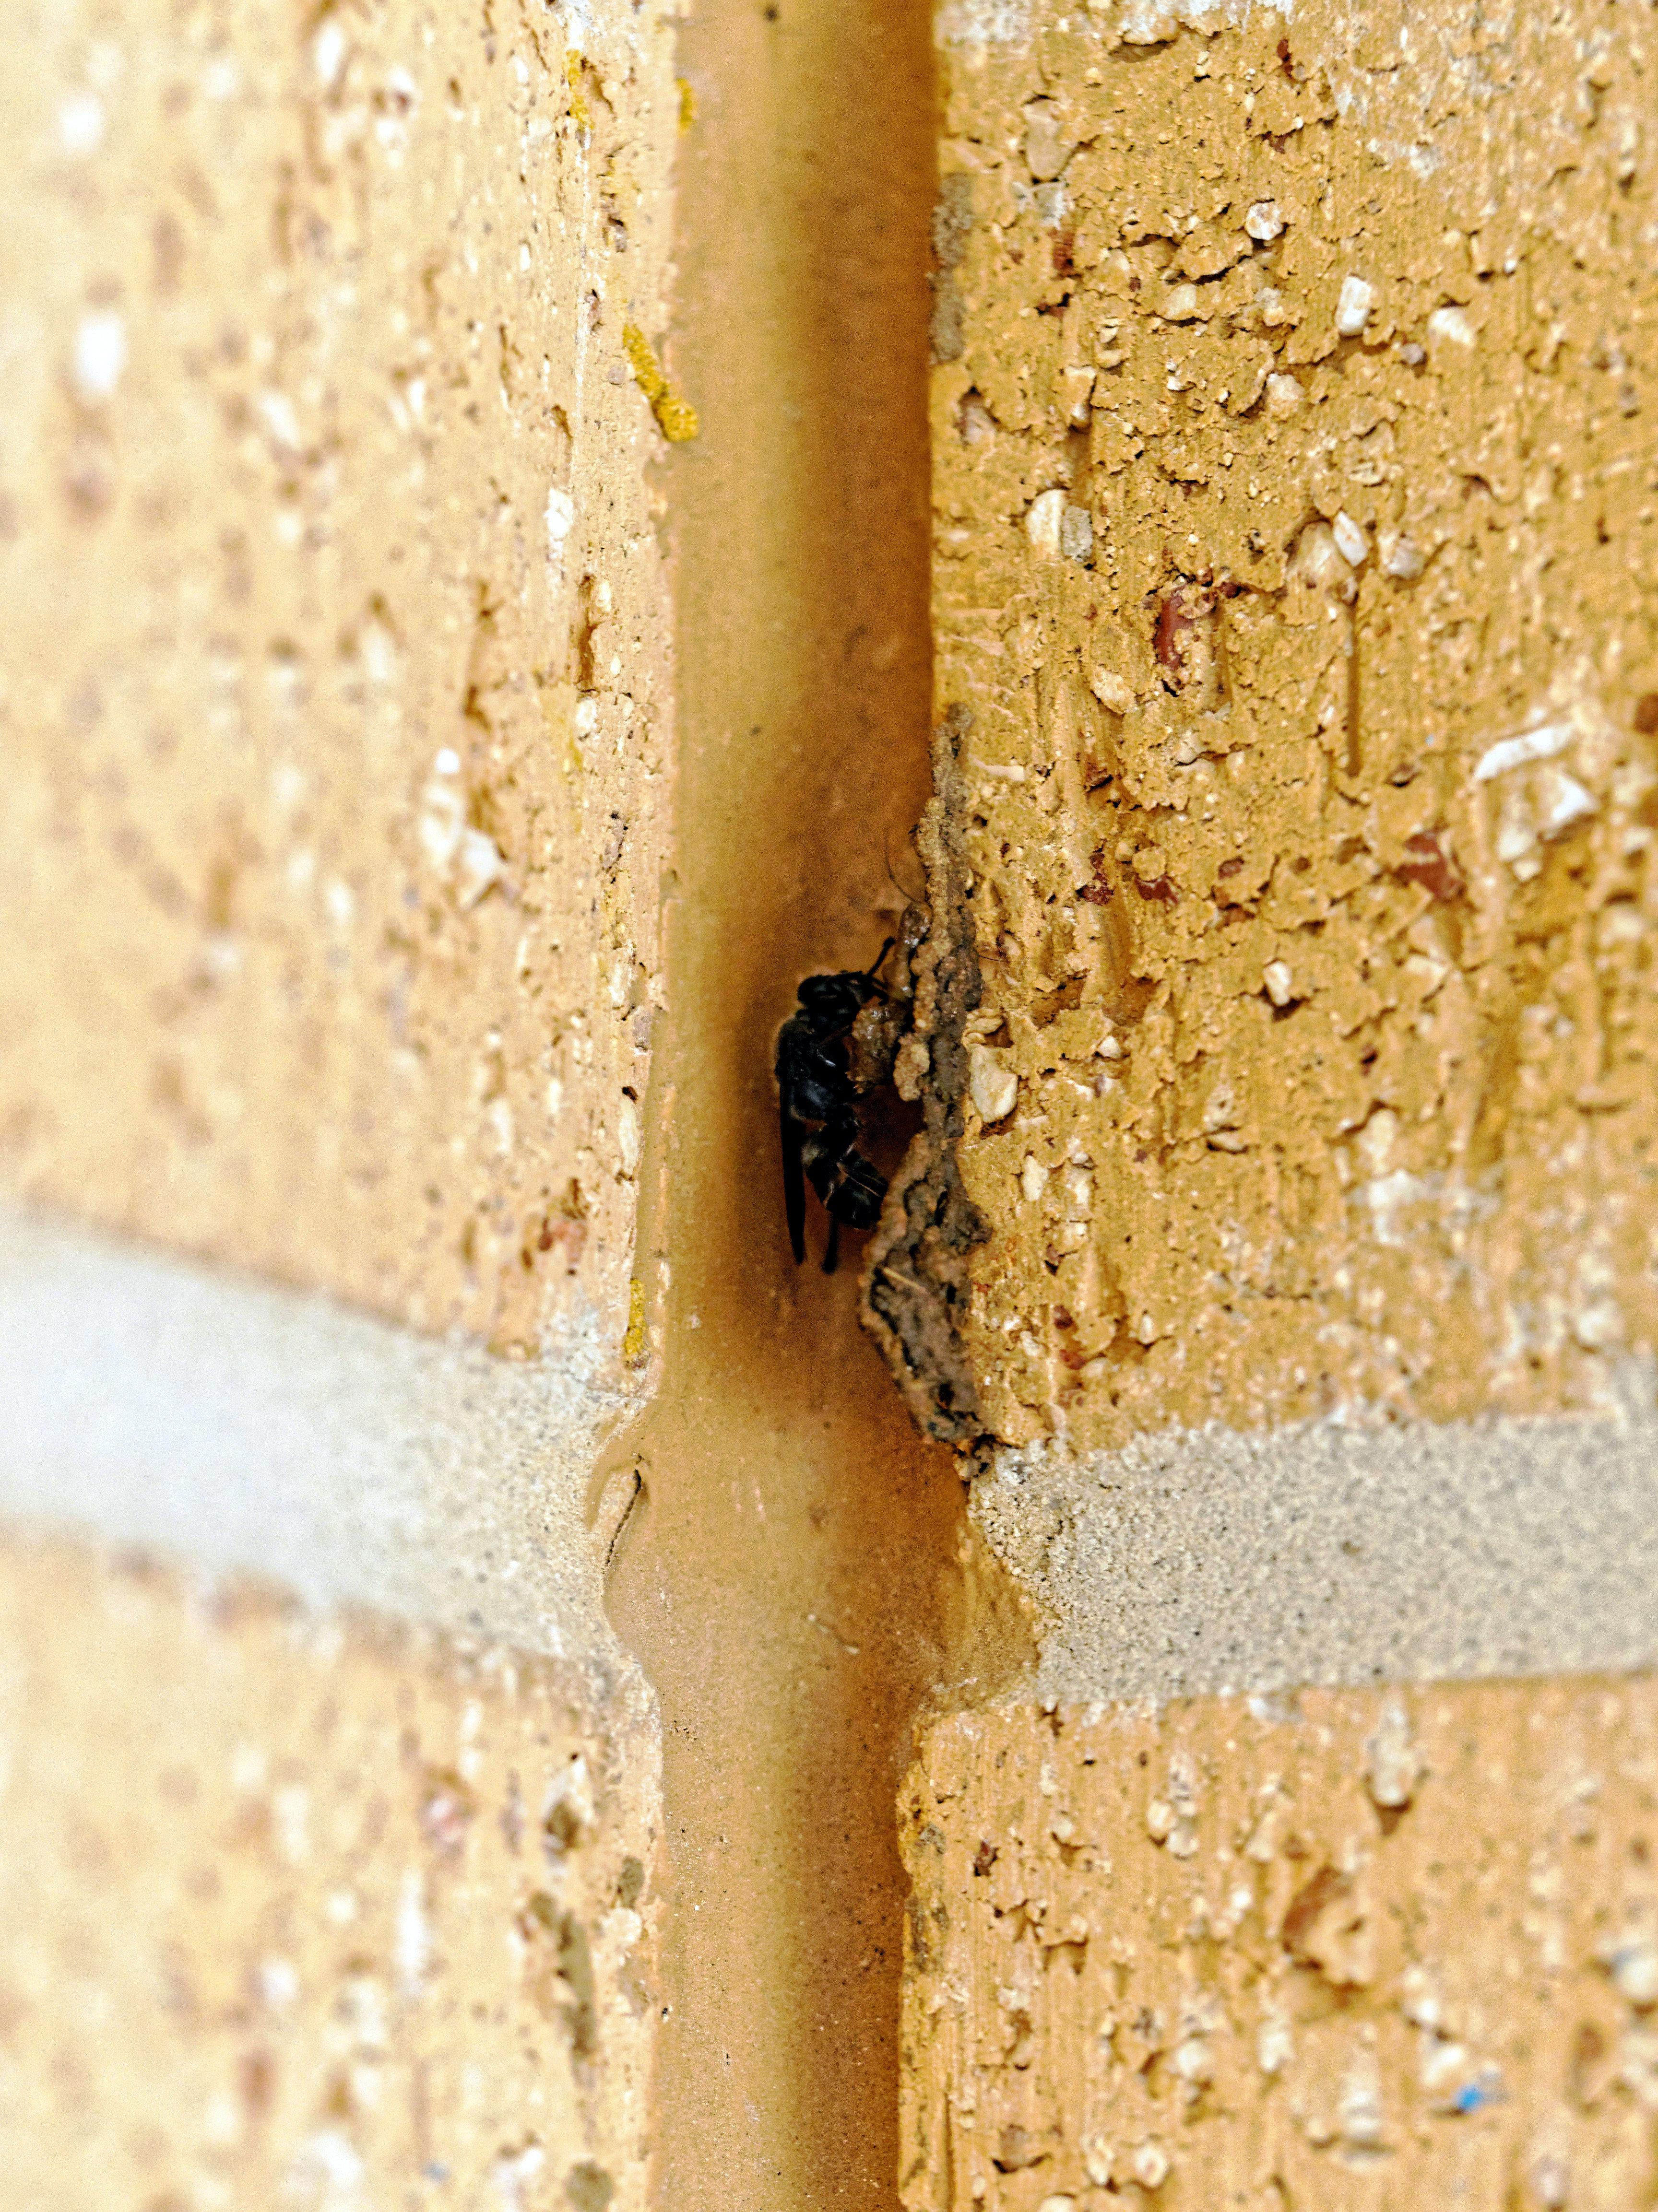 Mud-wasp-6.jpeg